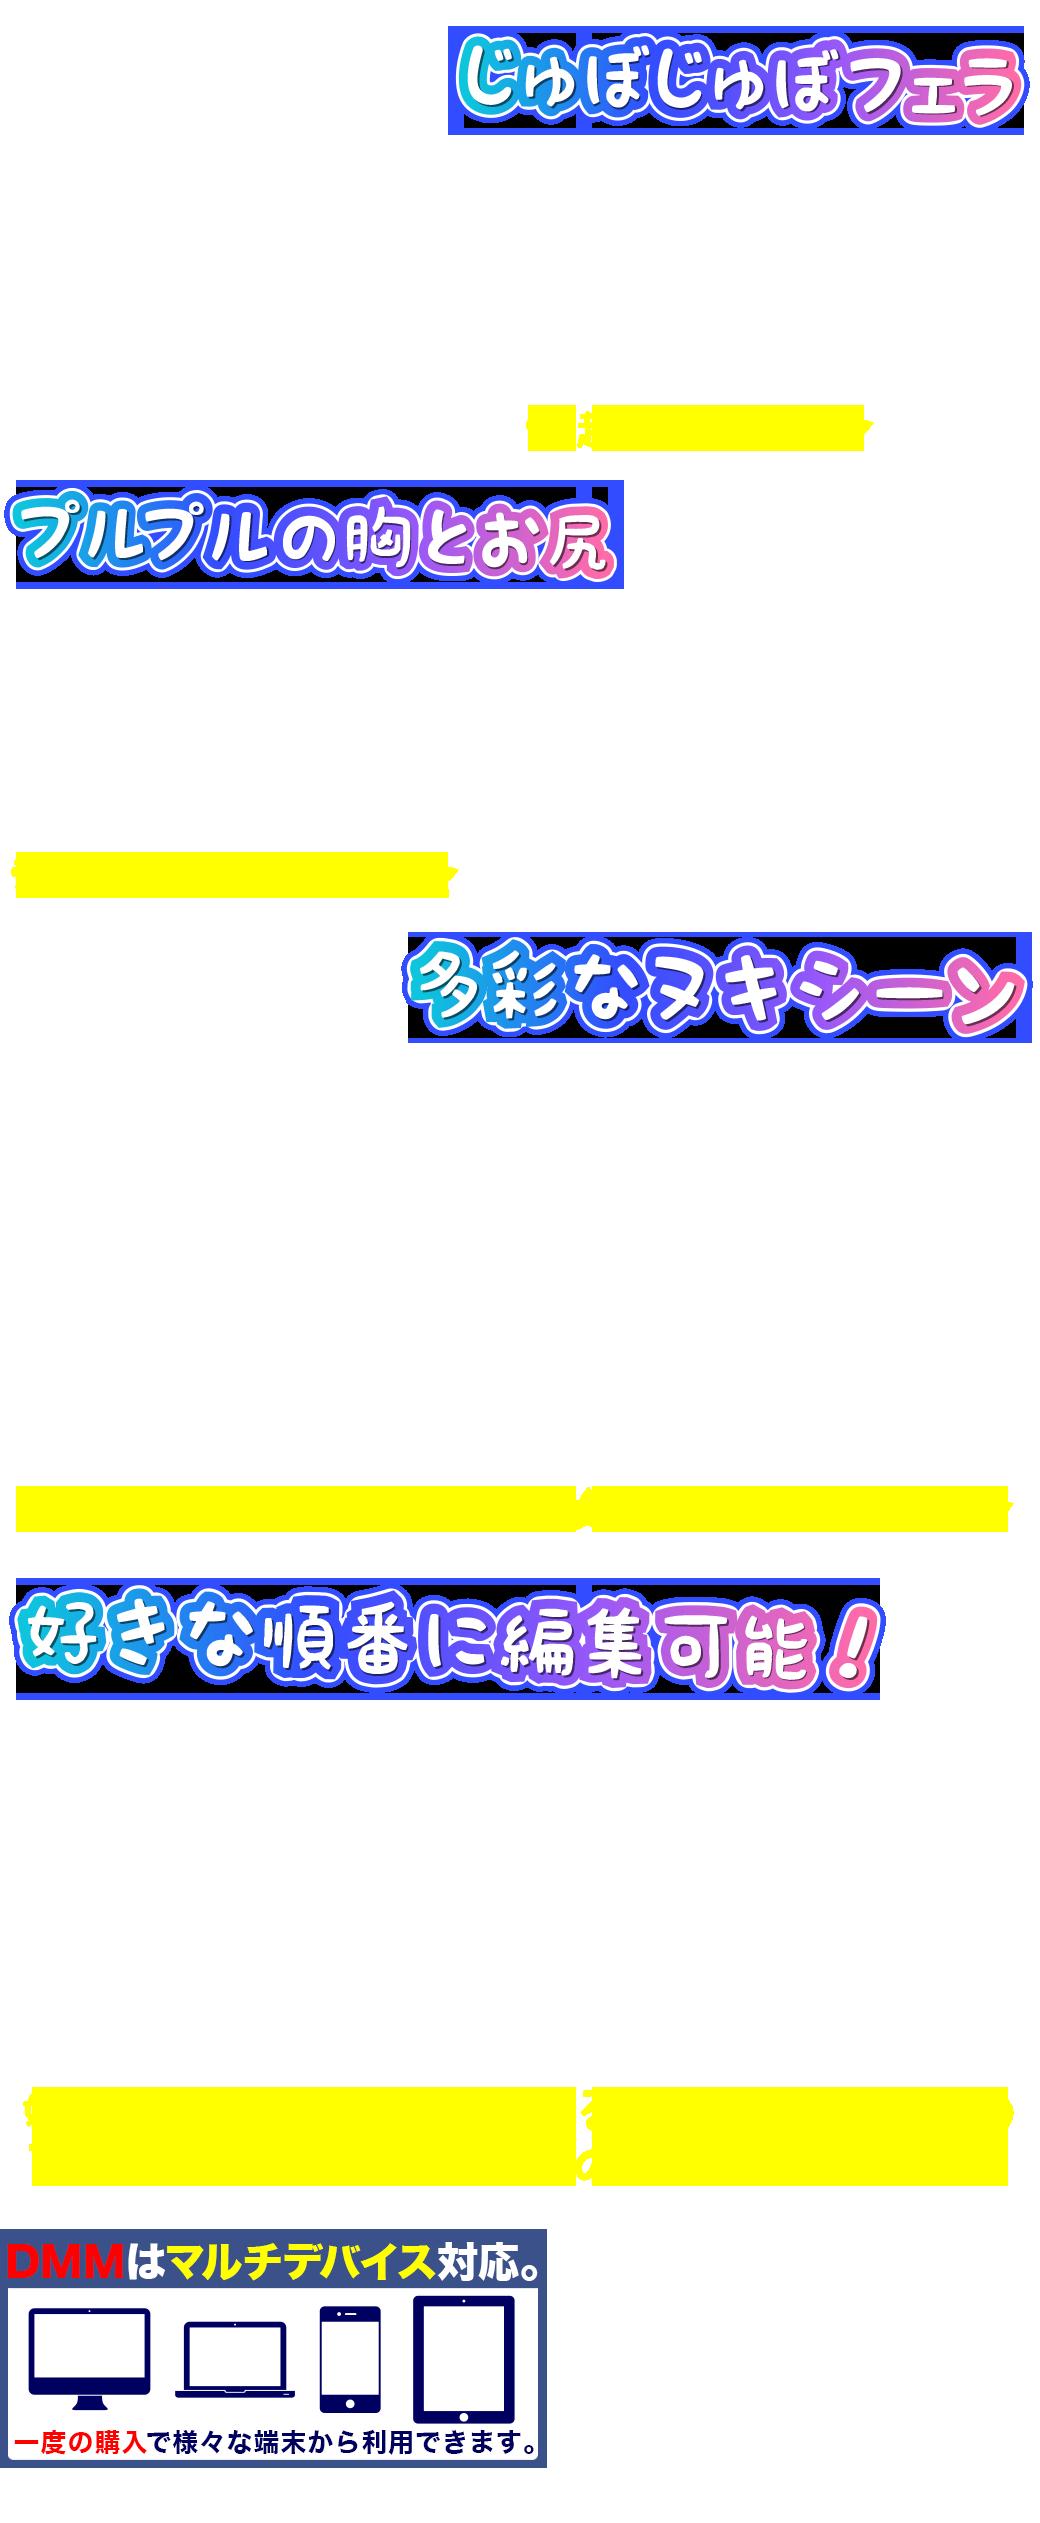 じゅぼじゅぼフェラ/プルプルの胸とお尻/多彩なヌキシーン/好きな順序に編集可能!